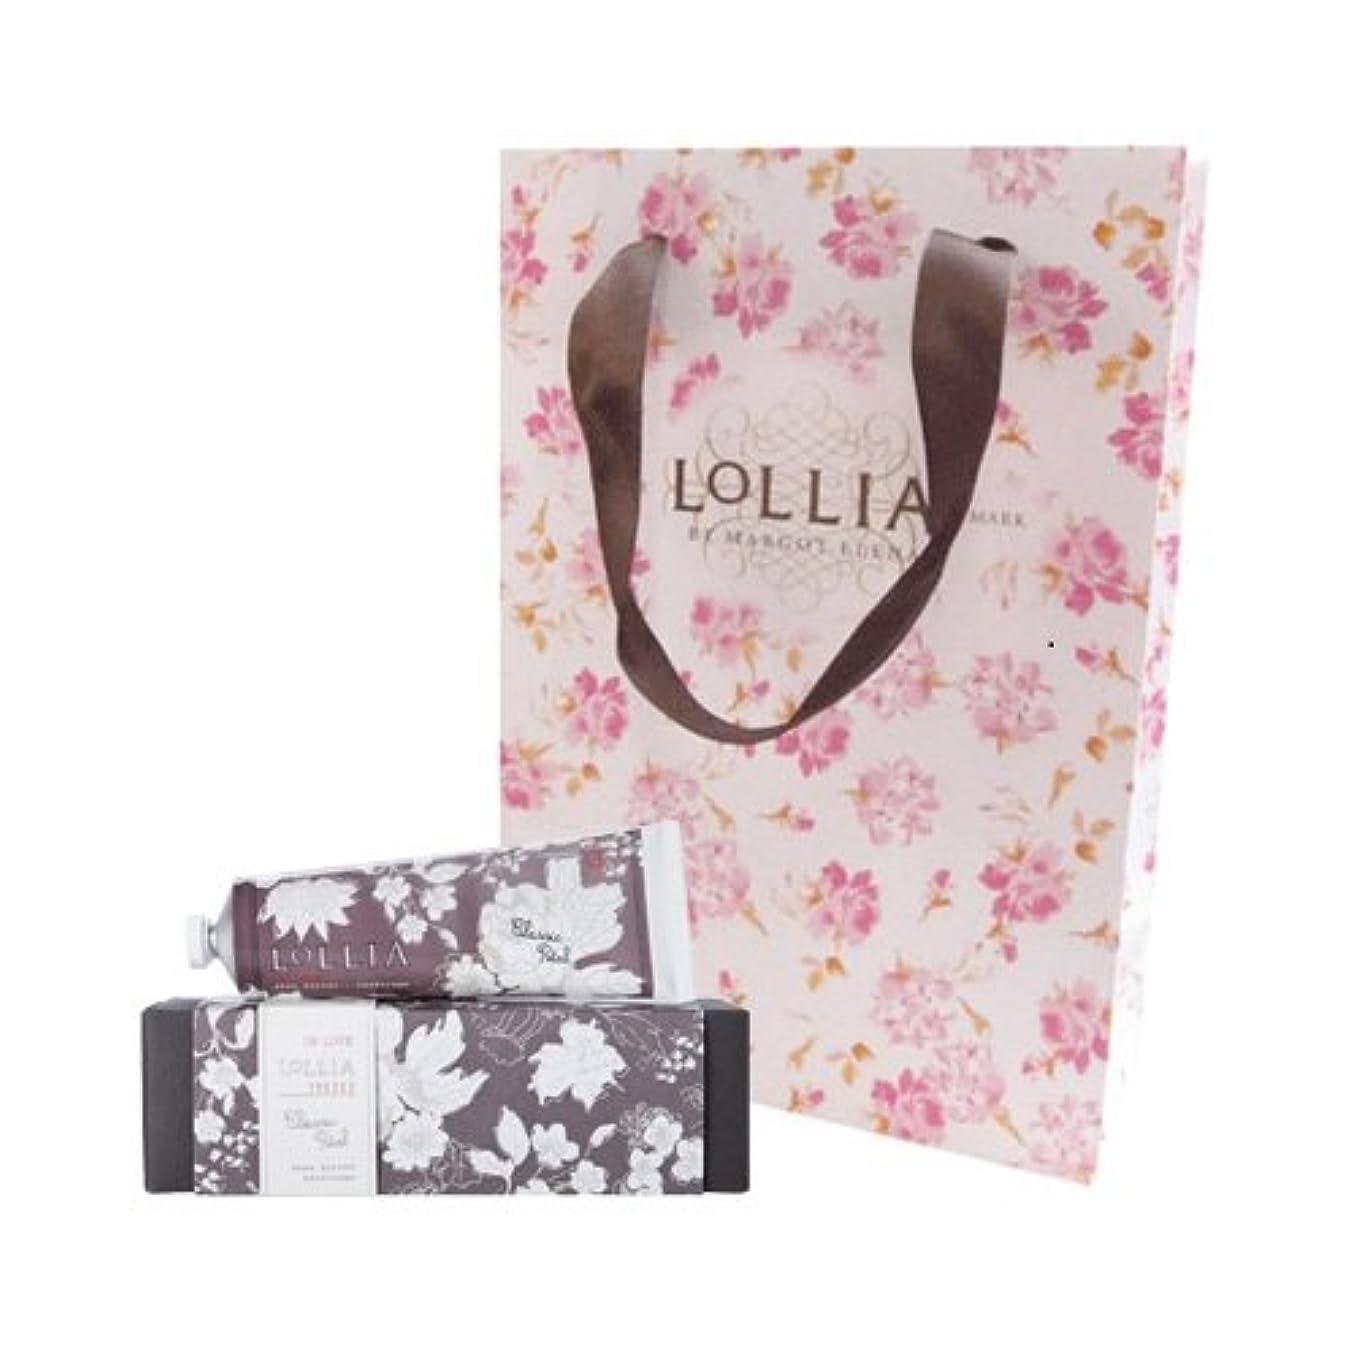 頻繁にシーボード裁定ロリア(LoLLIA) ハンドクリーム InLove 35g(手肌用保湿クリーム アップルブロッサム、ジャスミン、ローズのフルーティで爽やかな香り) ショッパー付